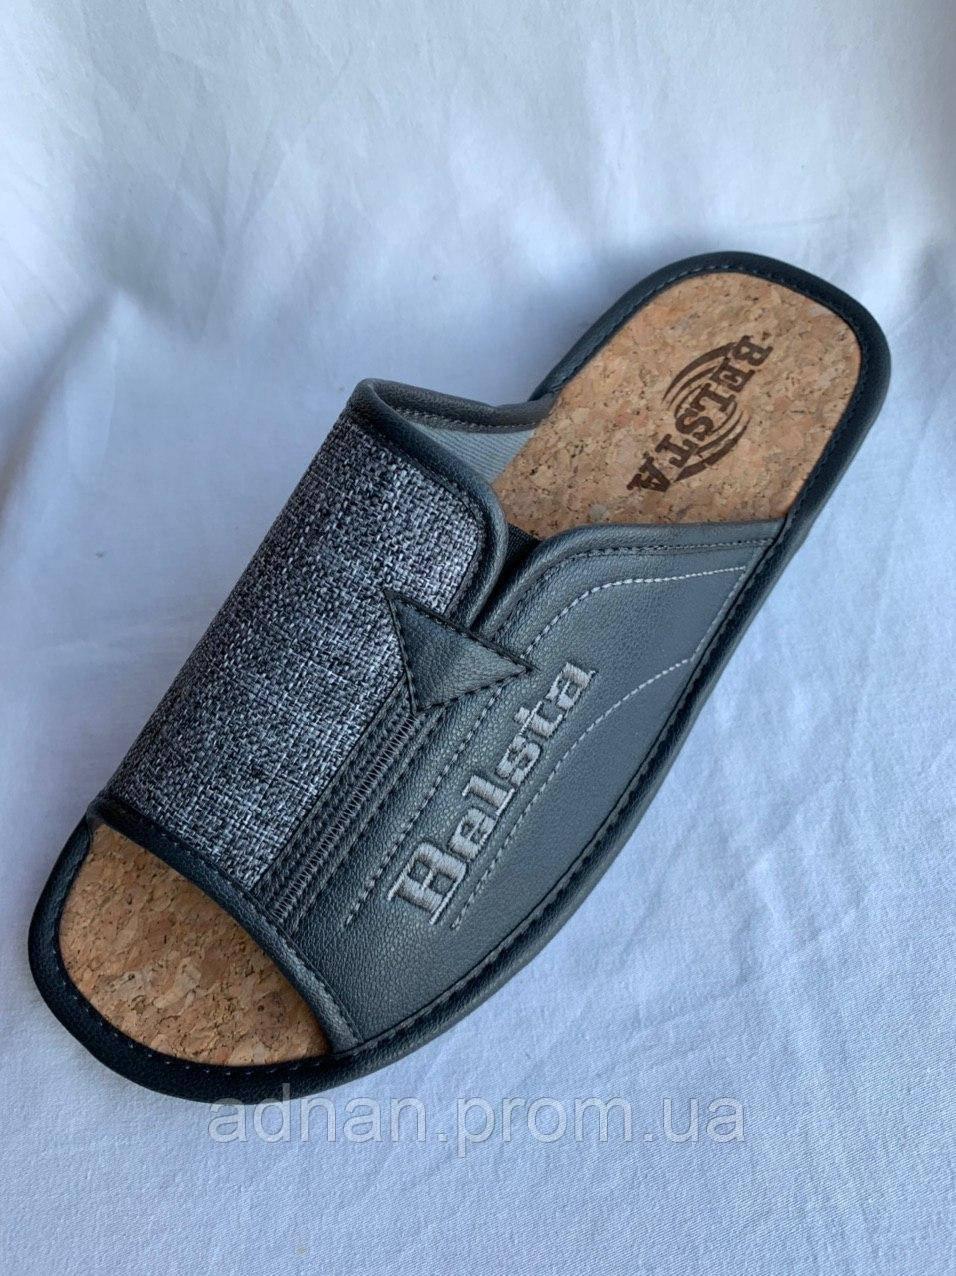 Тапочки мужские, БЕЛСТА, открытые, 6 пар в упаковке,001 Украина/ купить тапочки оптом